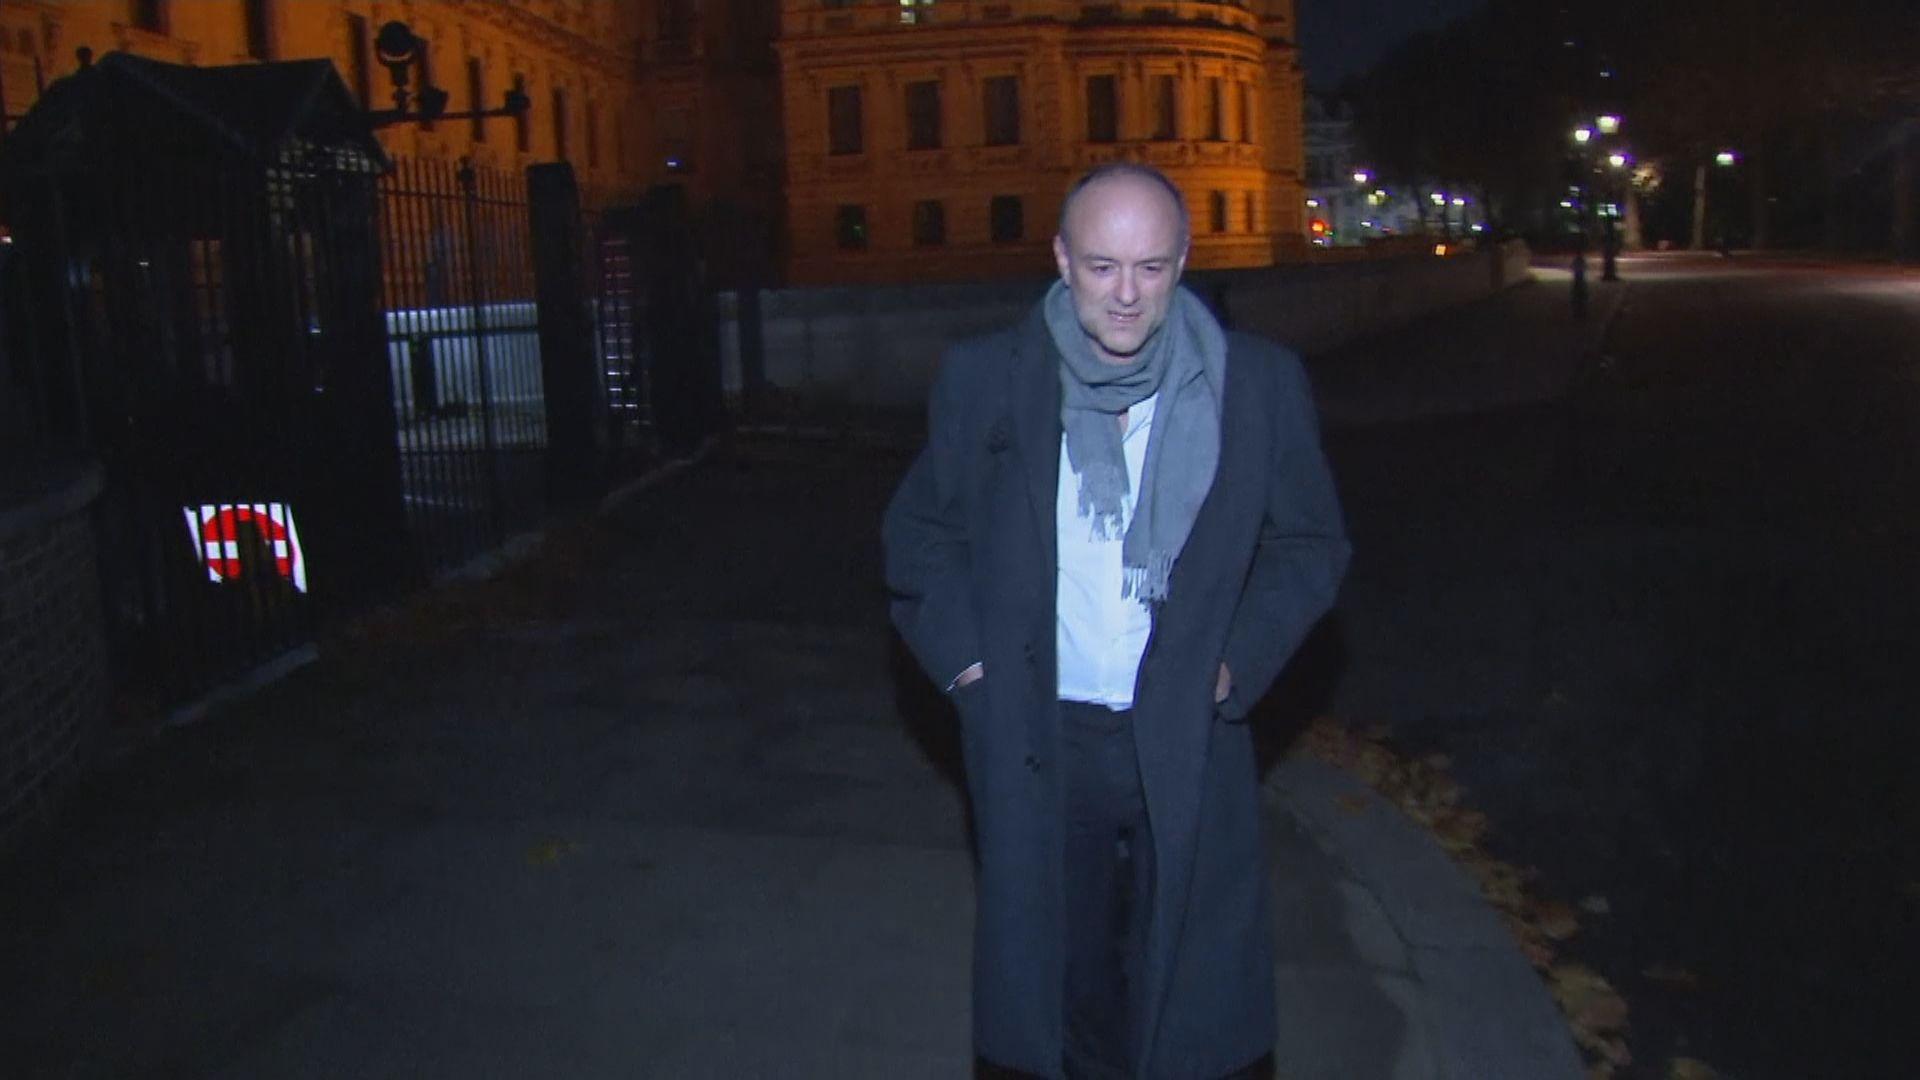 英國首相首席顧問甘明斯辭職